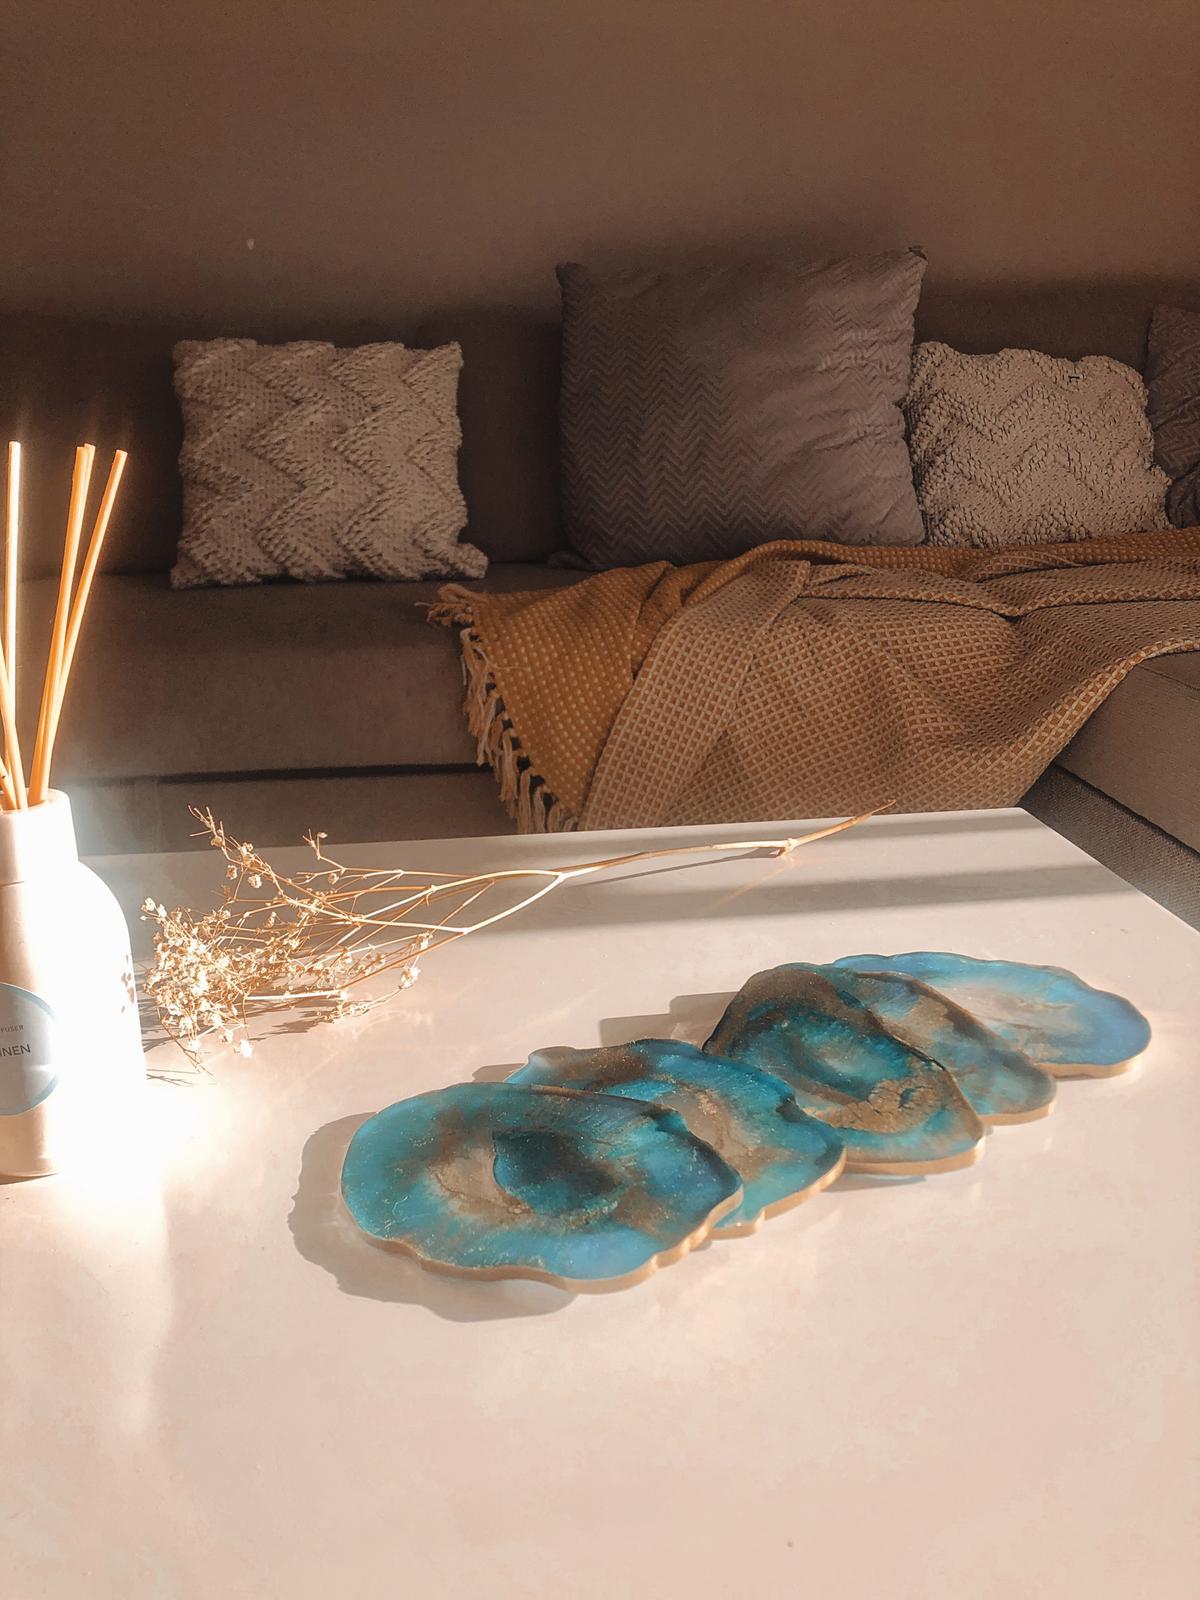 Geode Coaster Sets